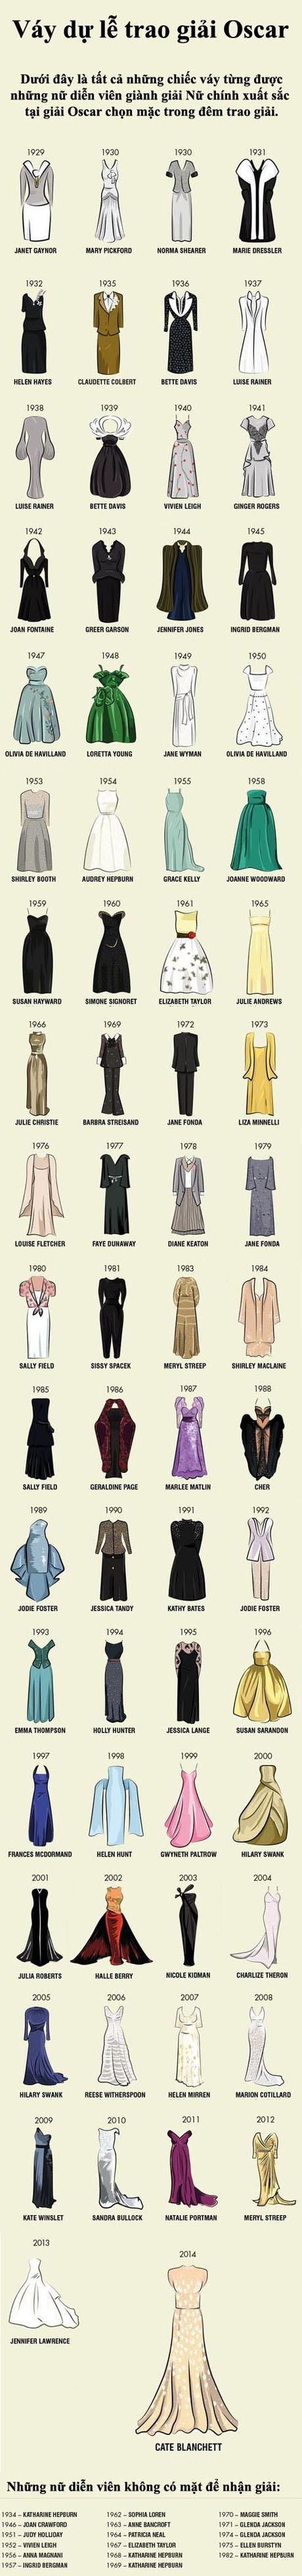 """Những chiếc váy của """"vinh quang và chiến thắng"""" trong lịch sử điện ảnh - 1"""